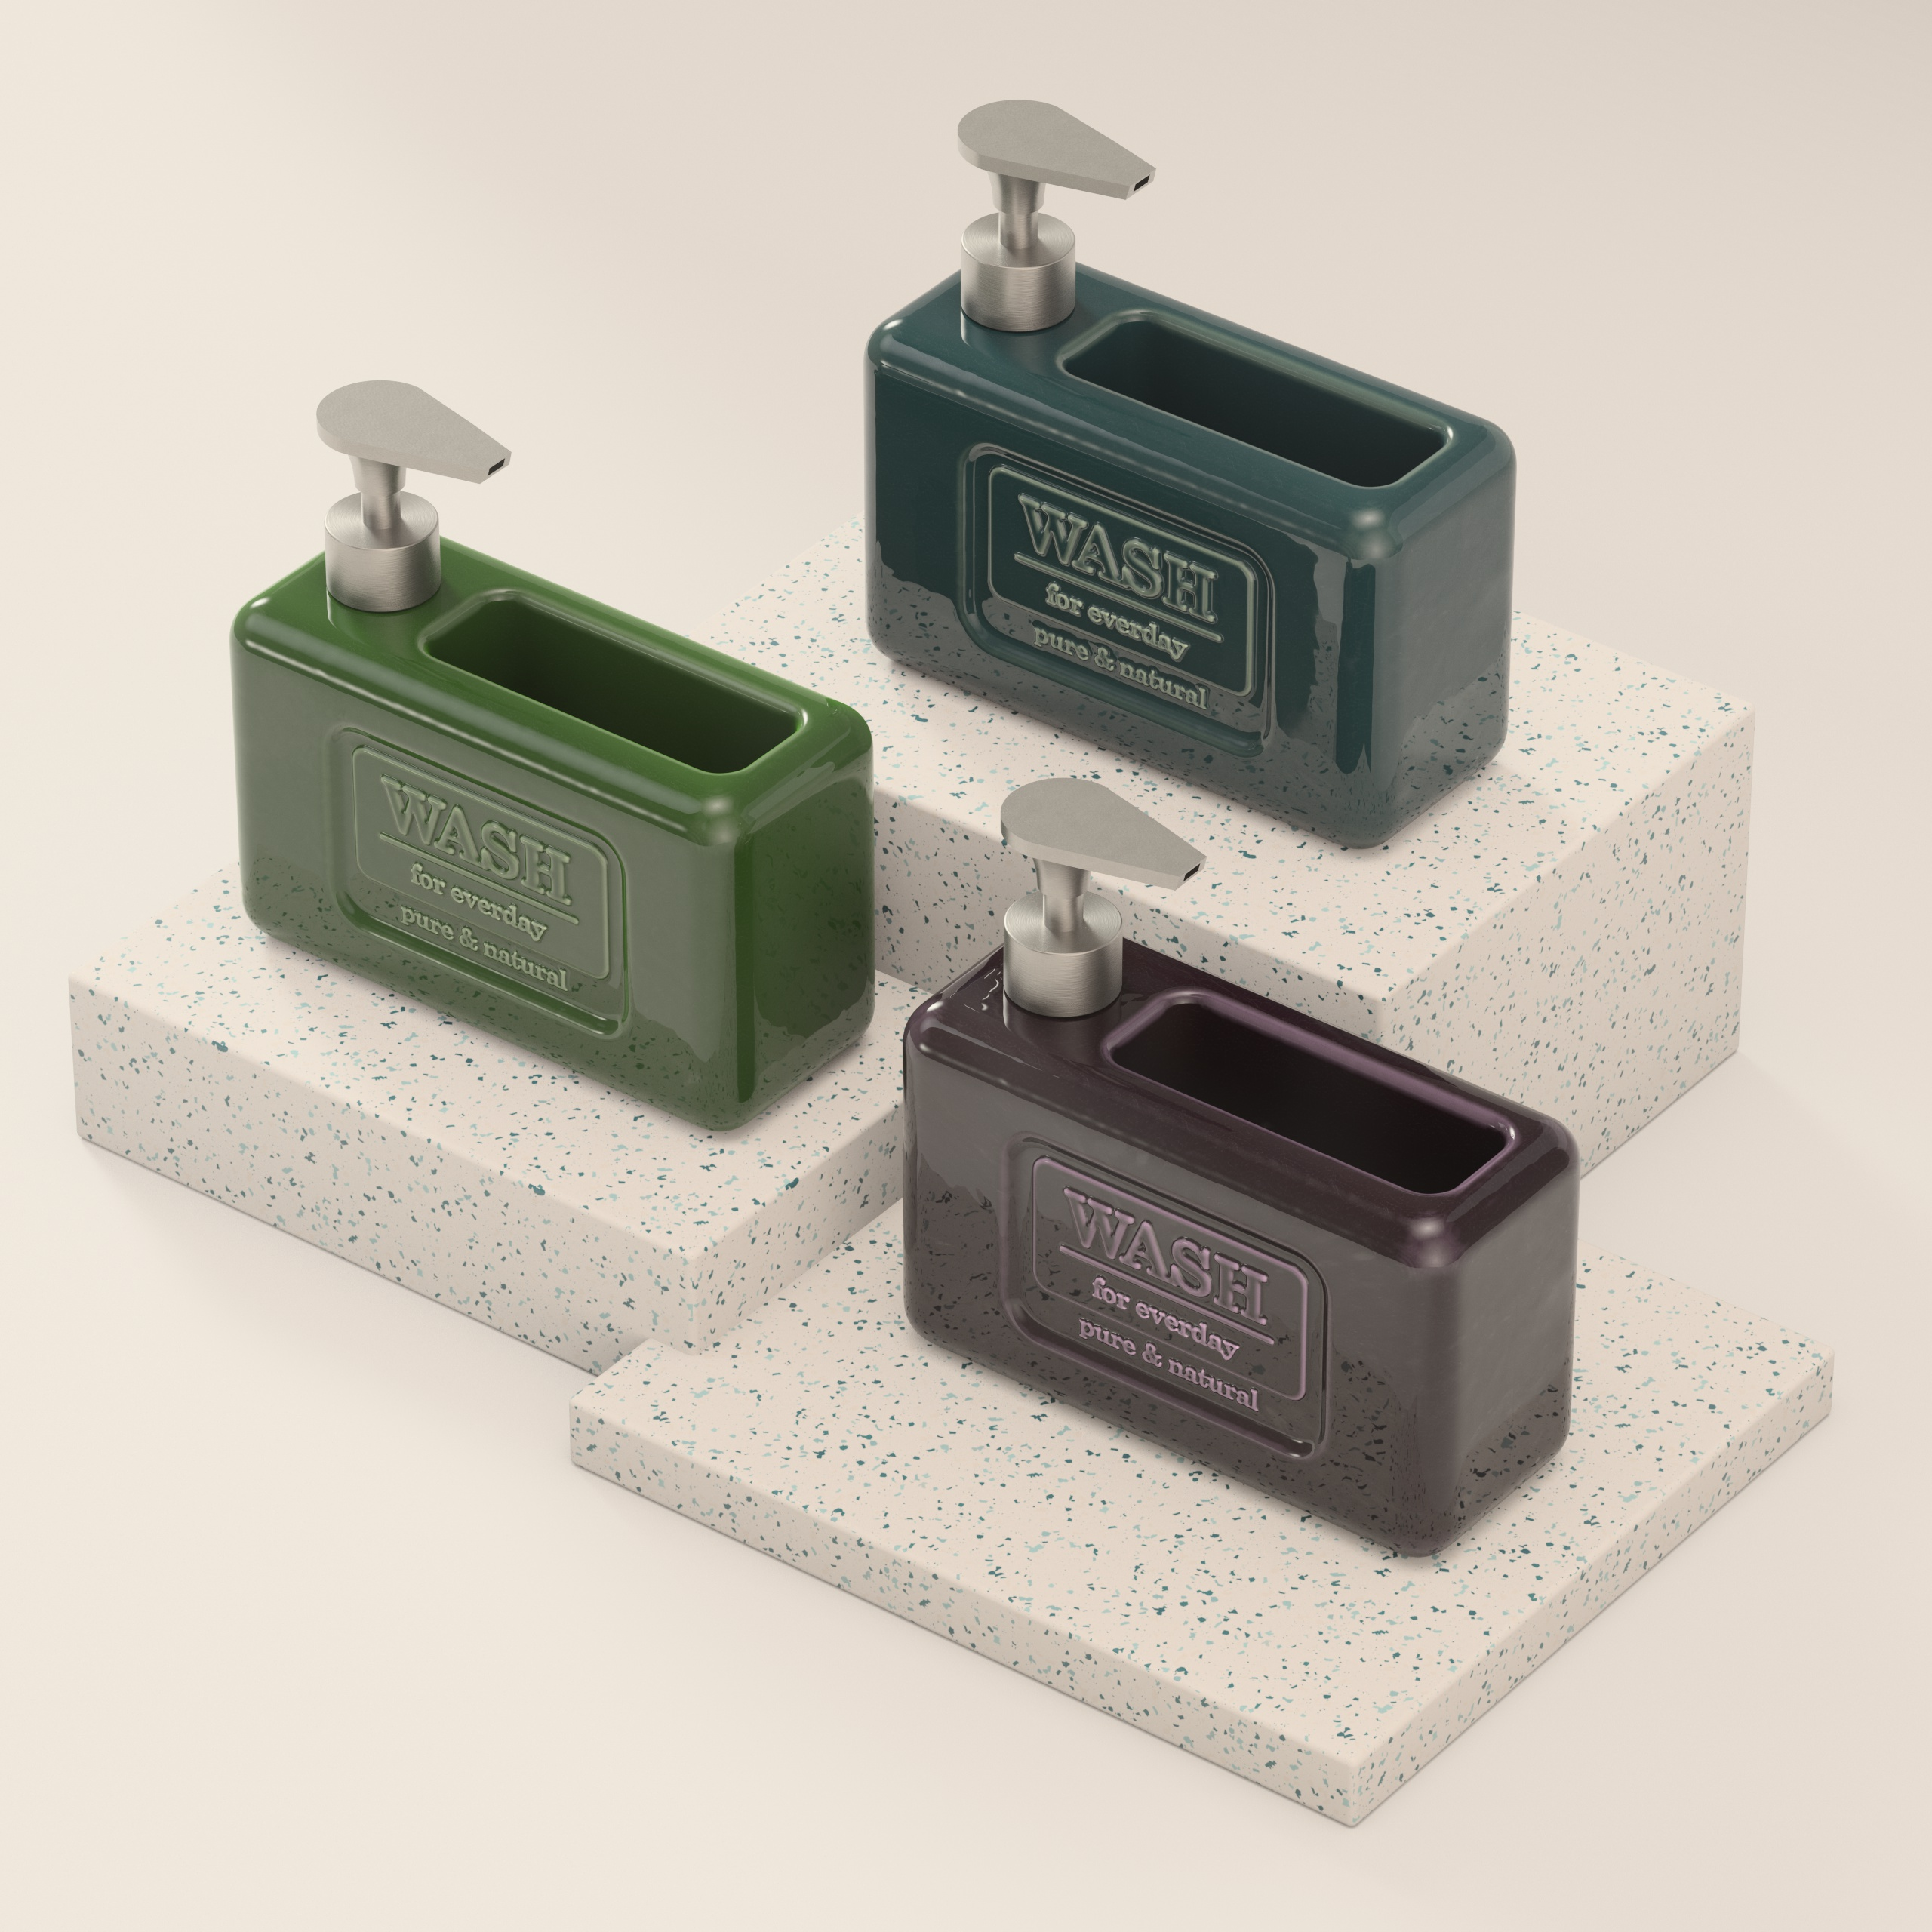 Zara Soap Dispenser_Groups_2021-01-18_6_